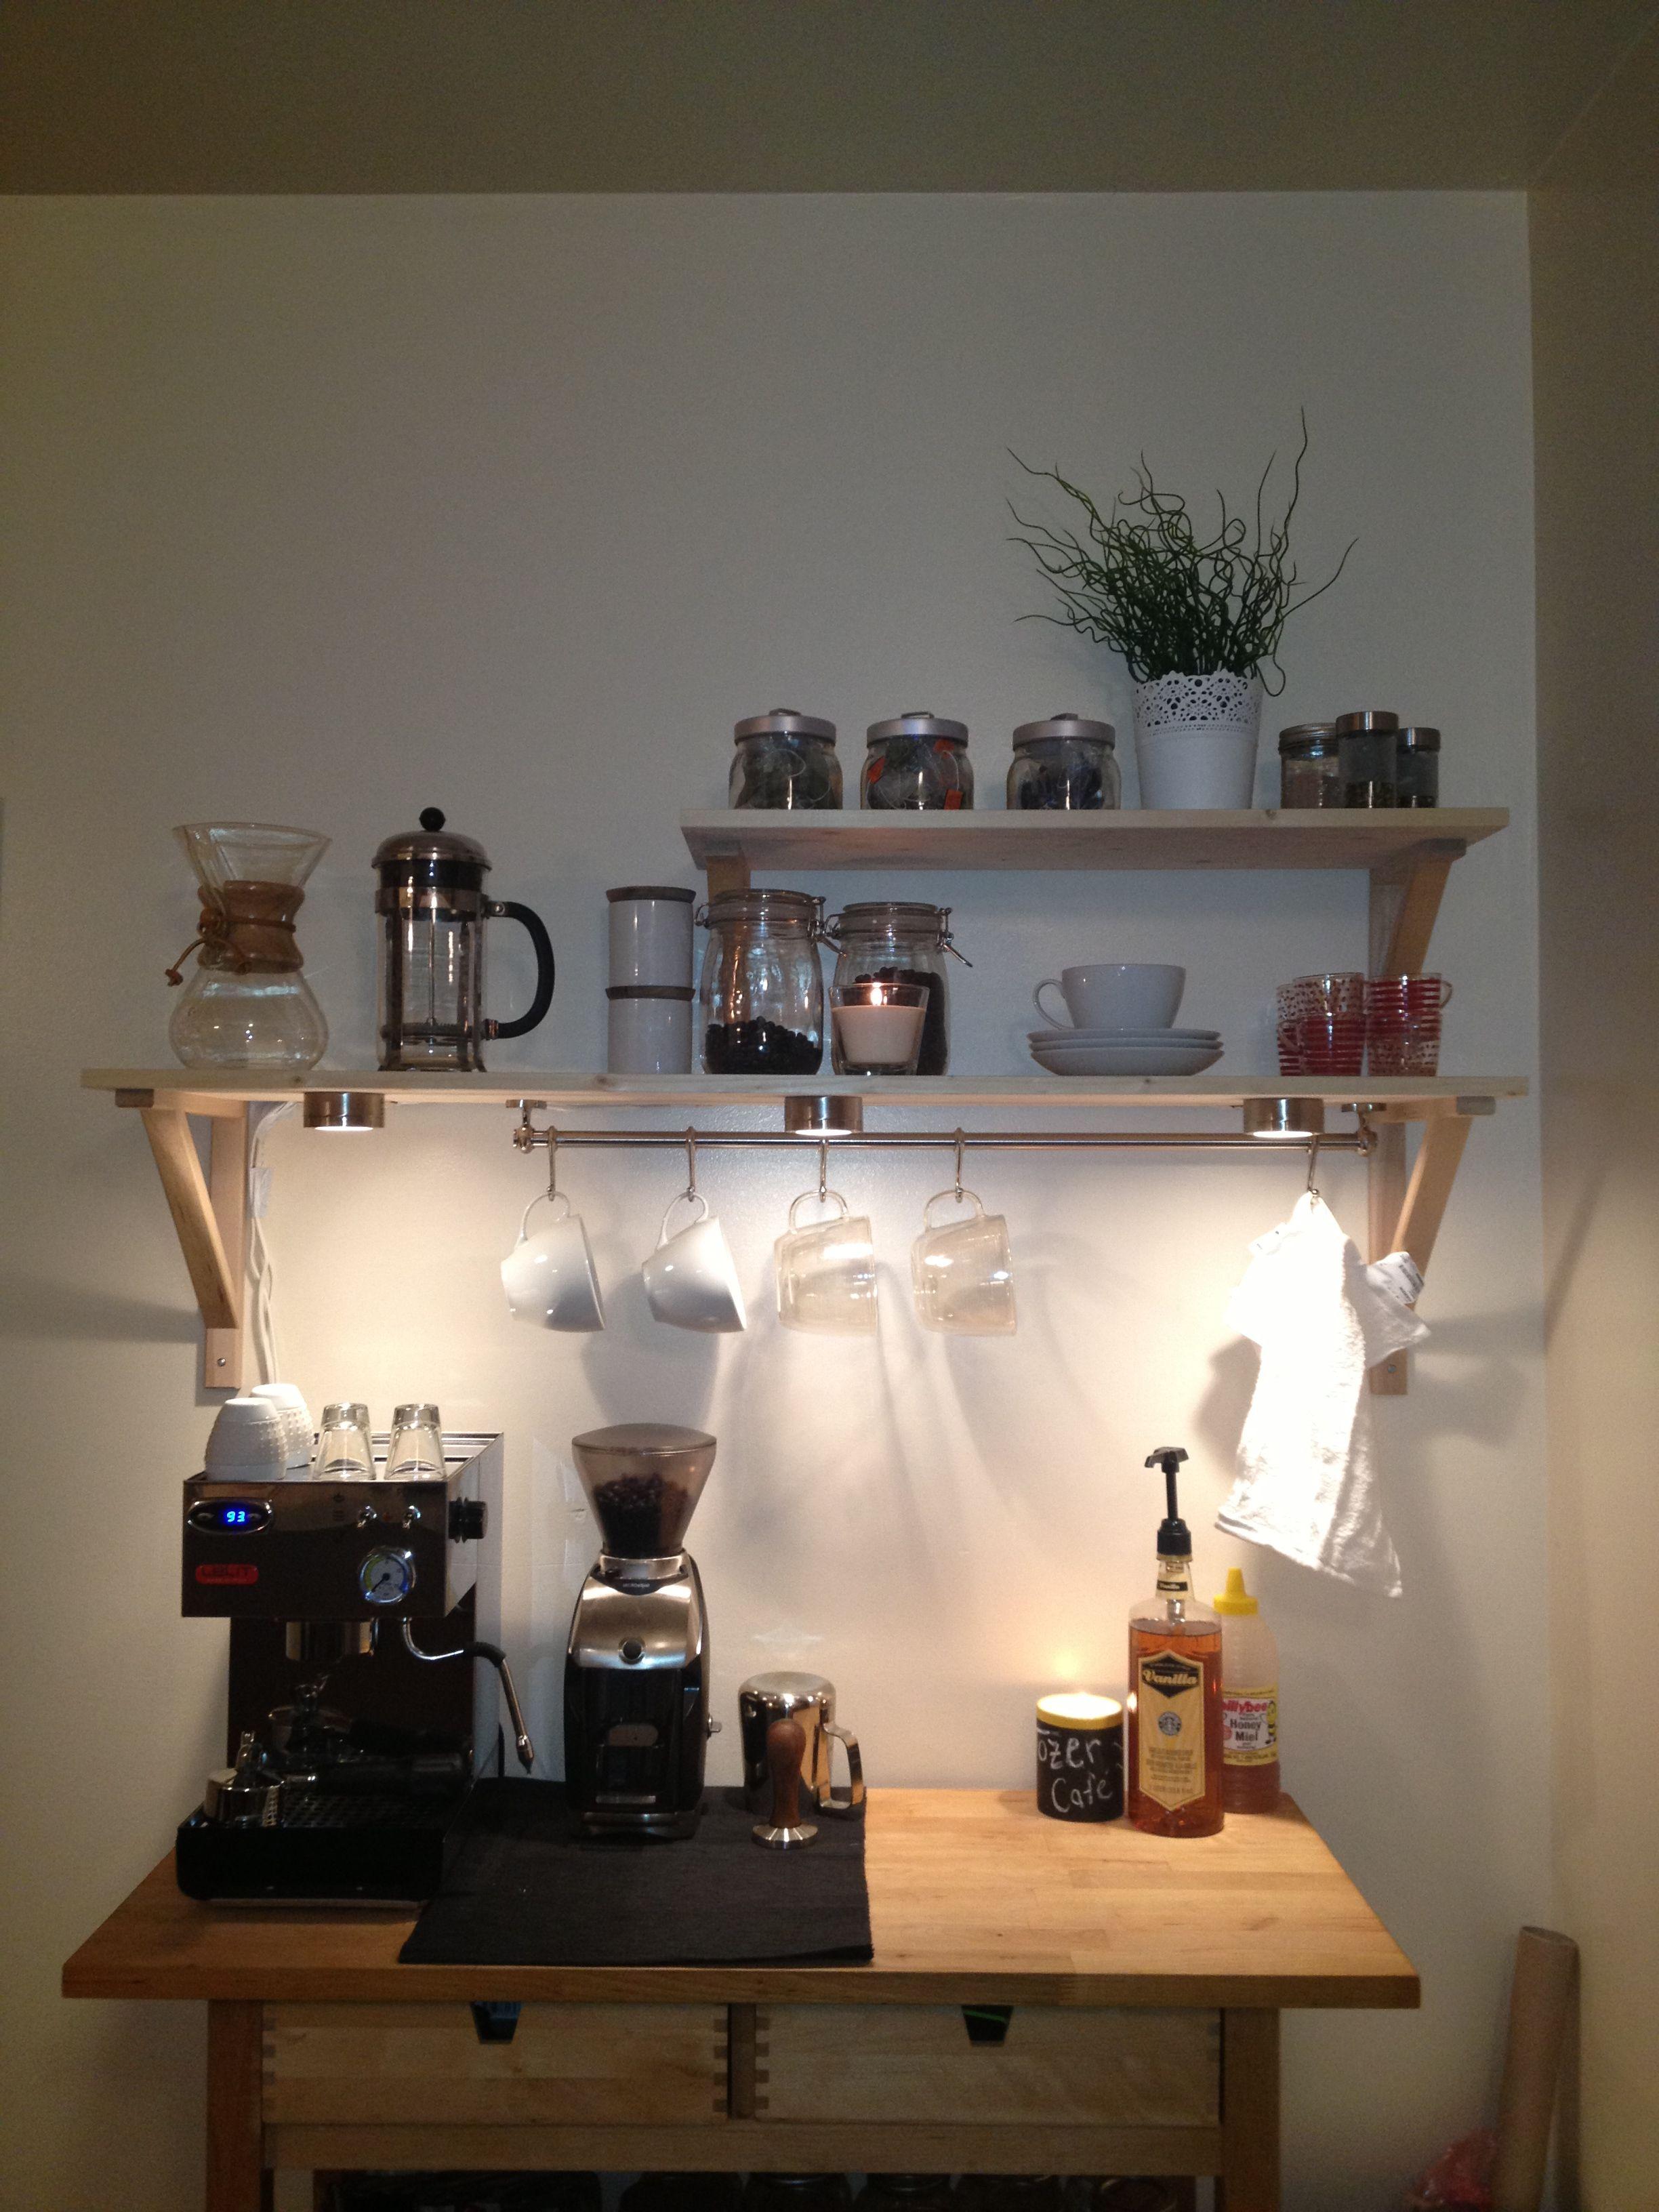 Home Espresso Bar Shelving